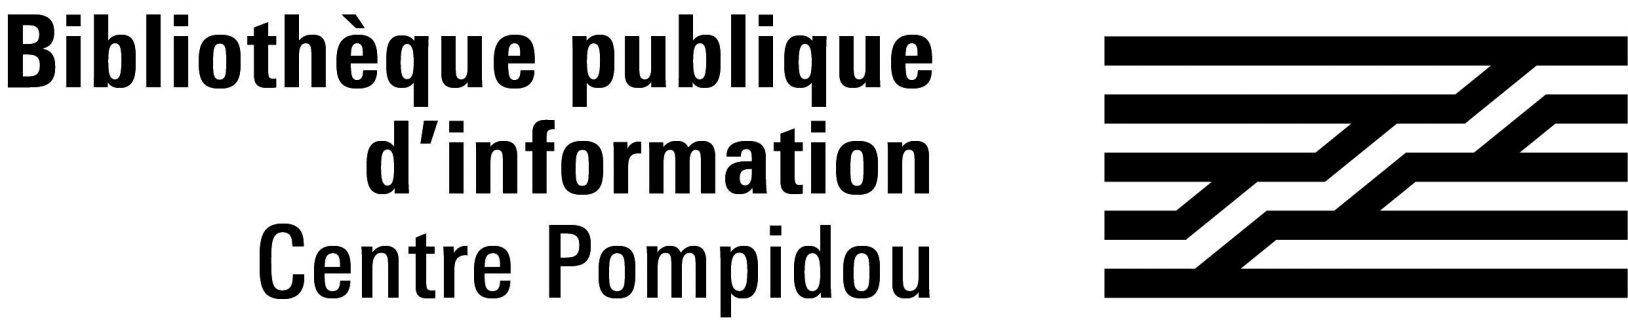 logo de la Bpi en haute définition